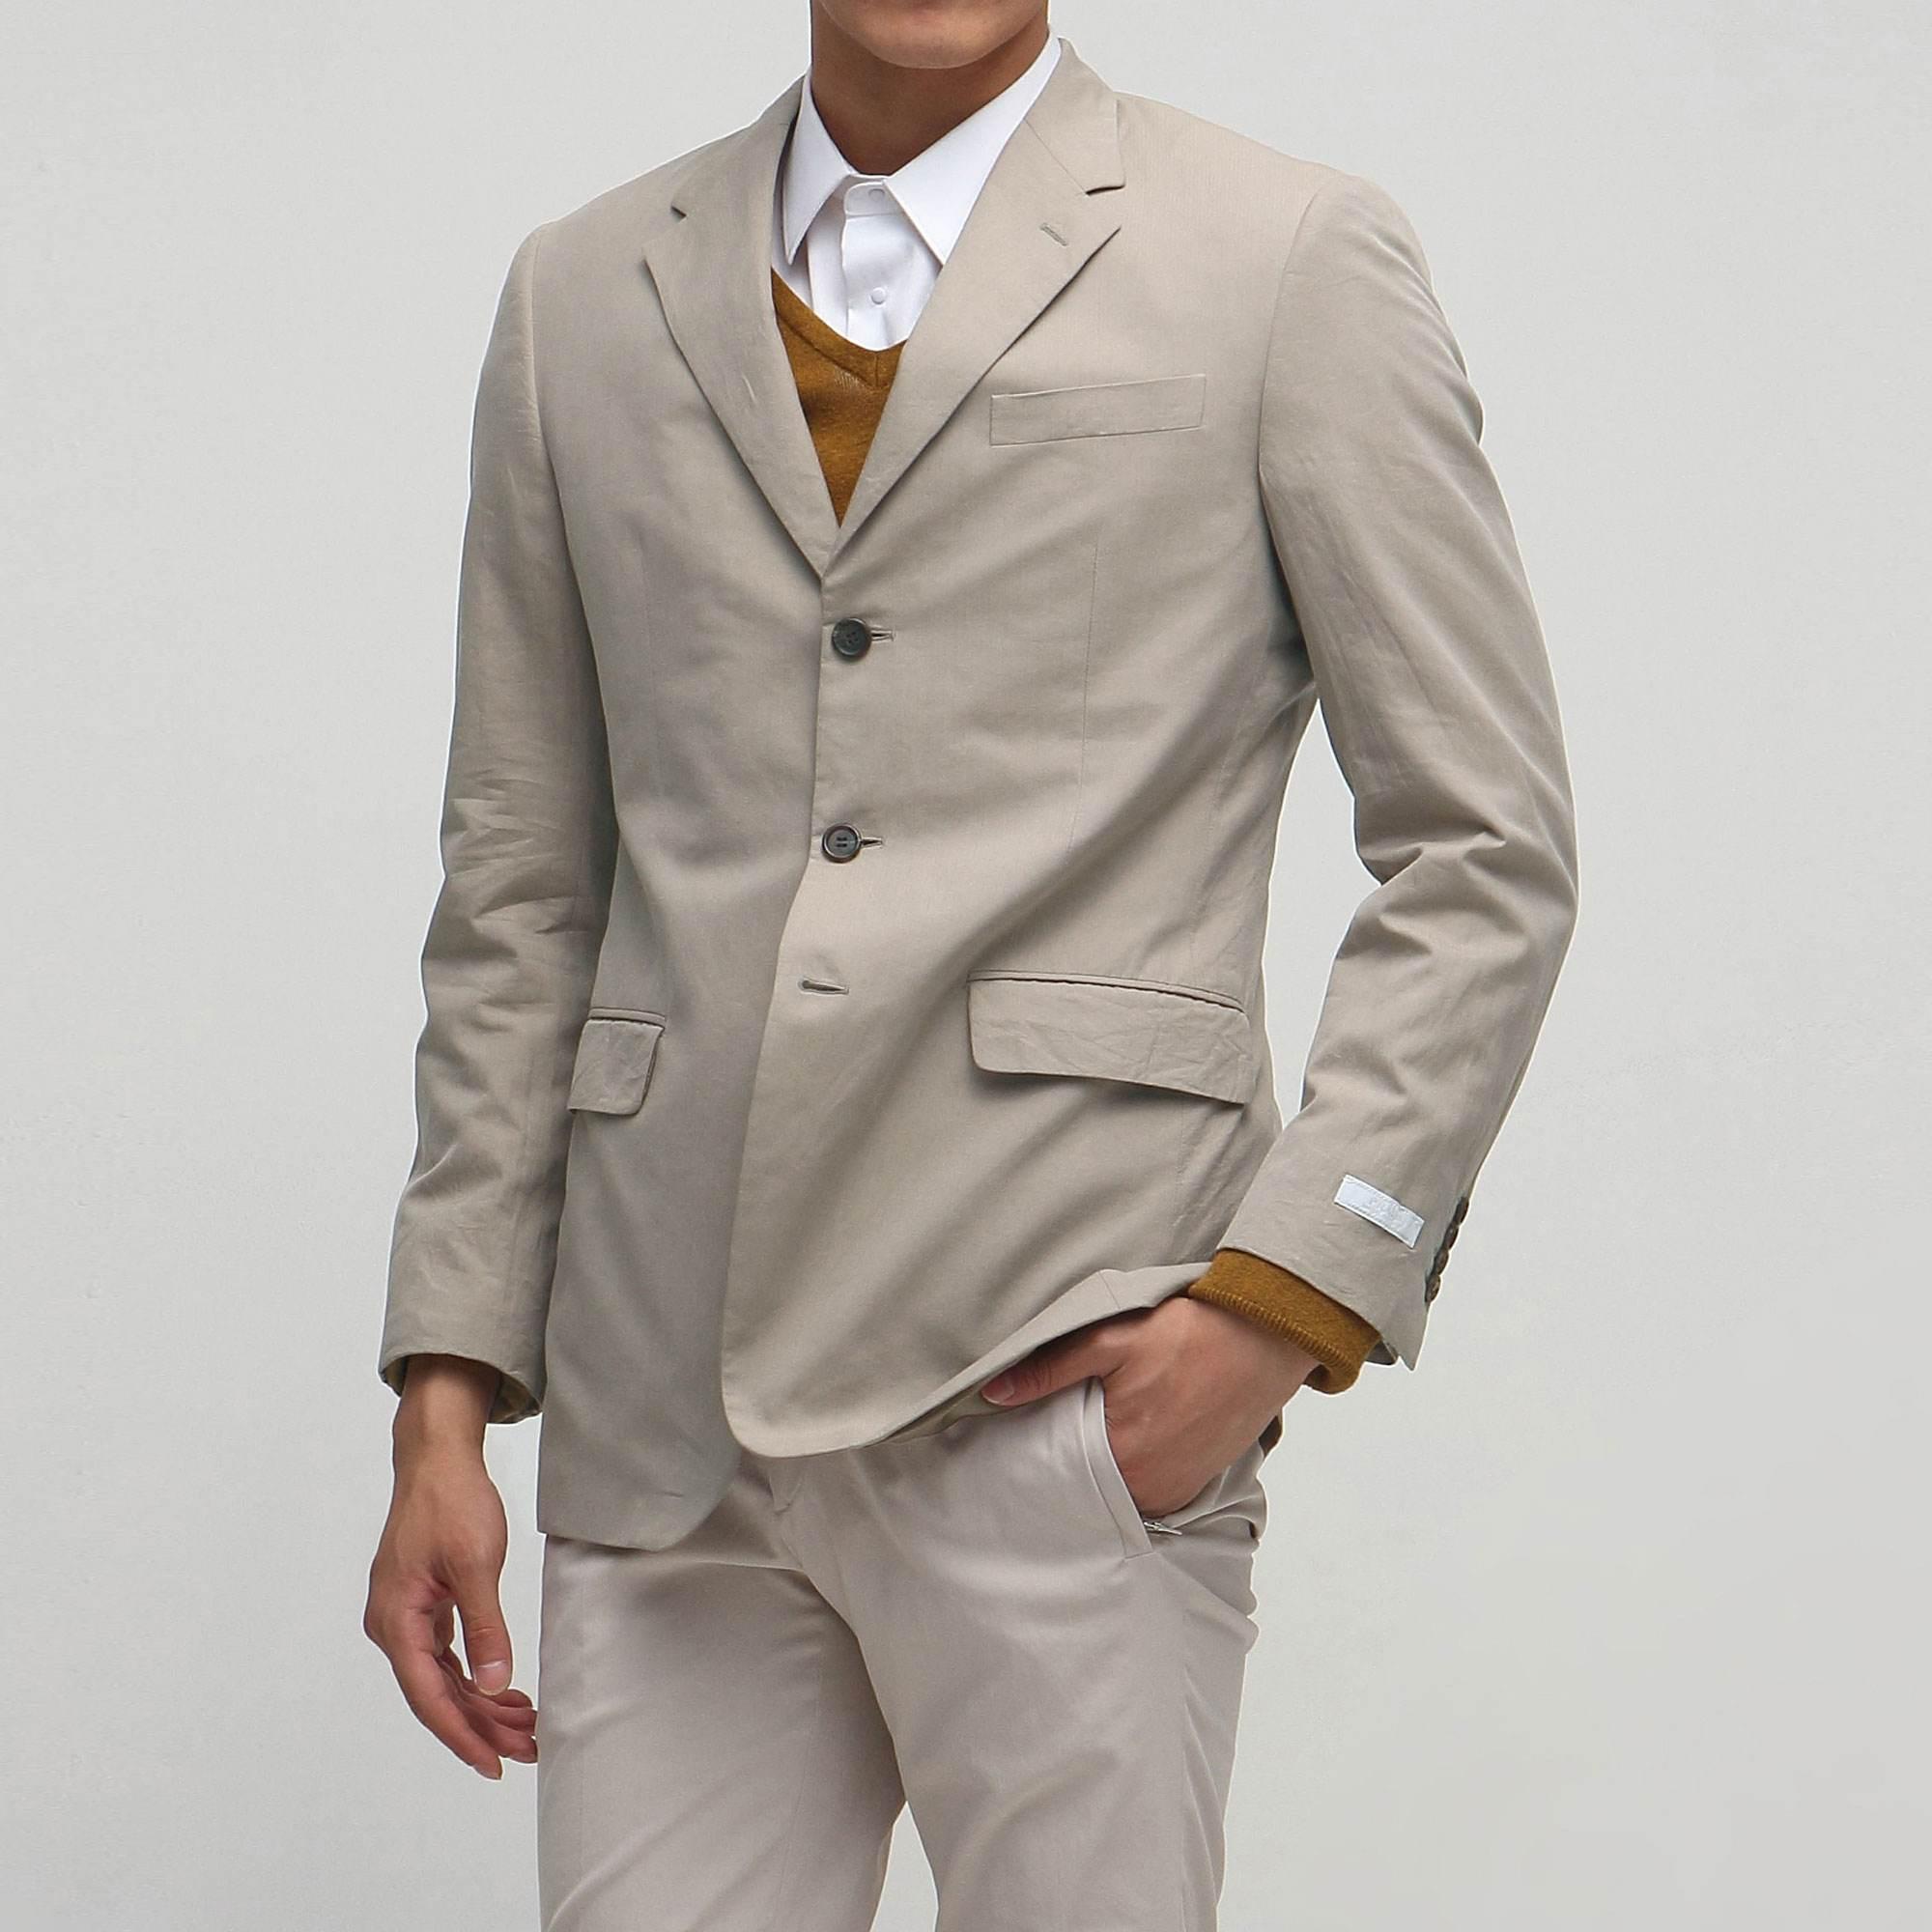 男士西装穿法技巧 穿男士西装注意事项_穿衣搭配_【西子网】